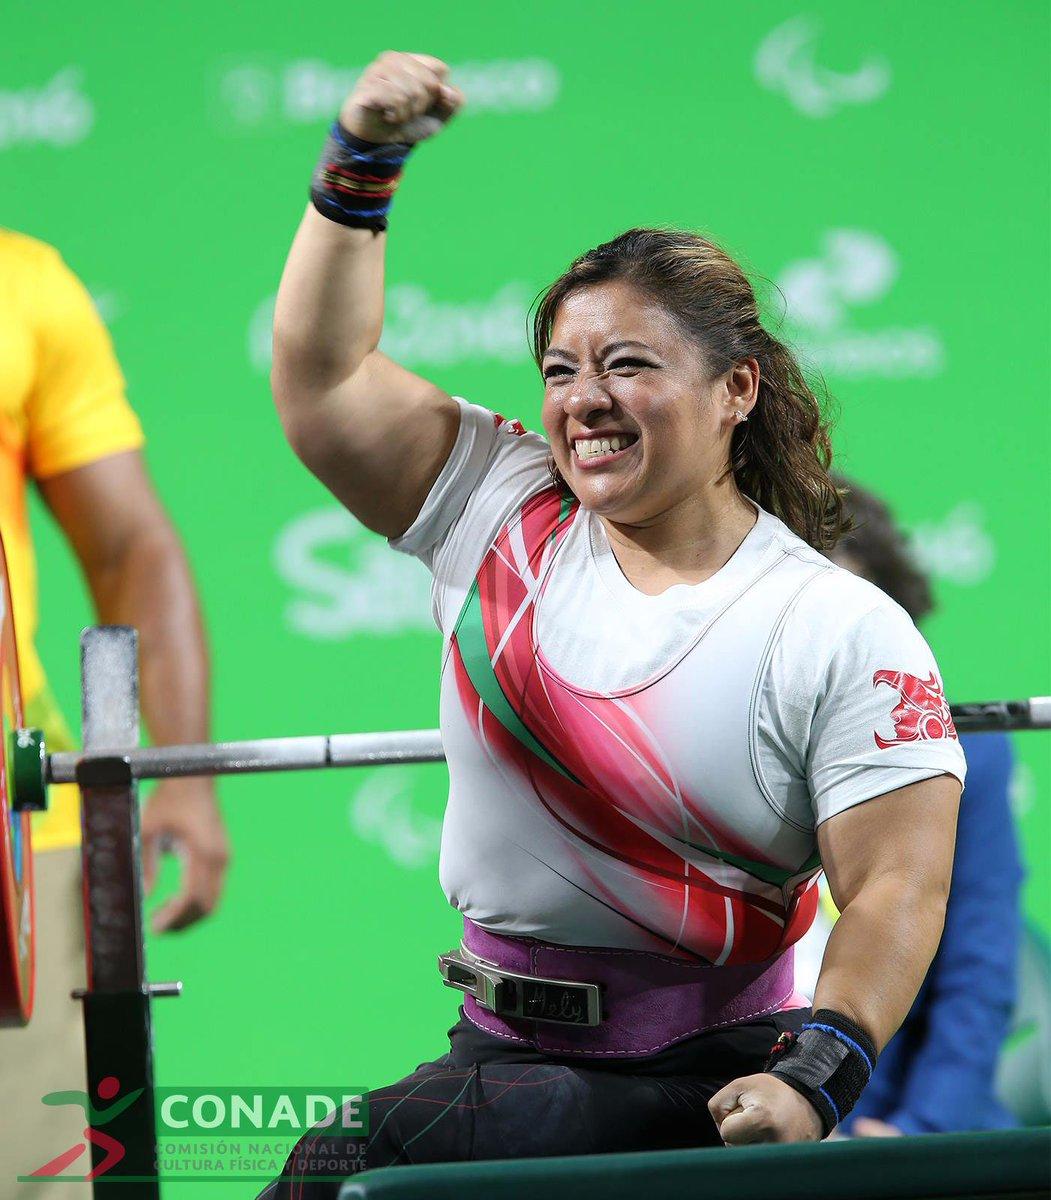 #RioXCONADE Consigue Amalia Pérez #oro con récord mundial de 130kg, en división de -55kg #Powerlifting #Rio2016 https://t.co/OB3oWoBuys